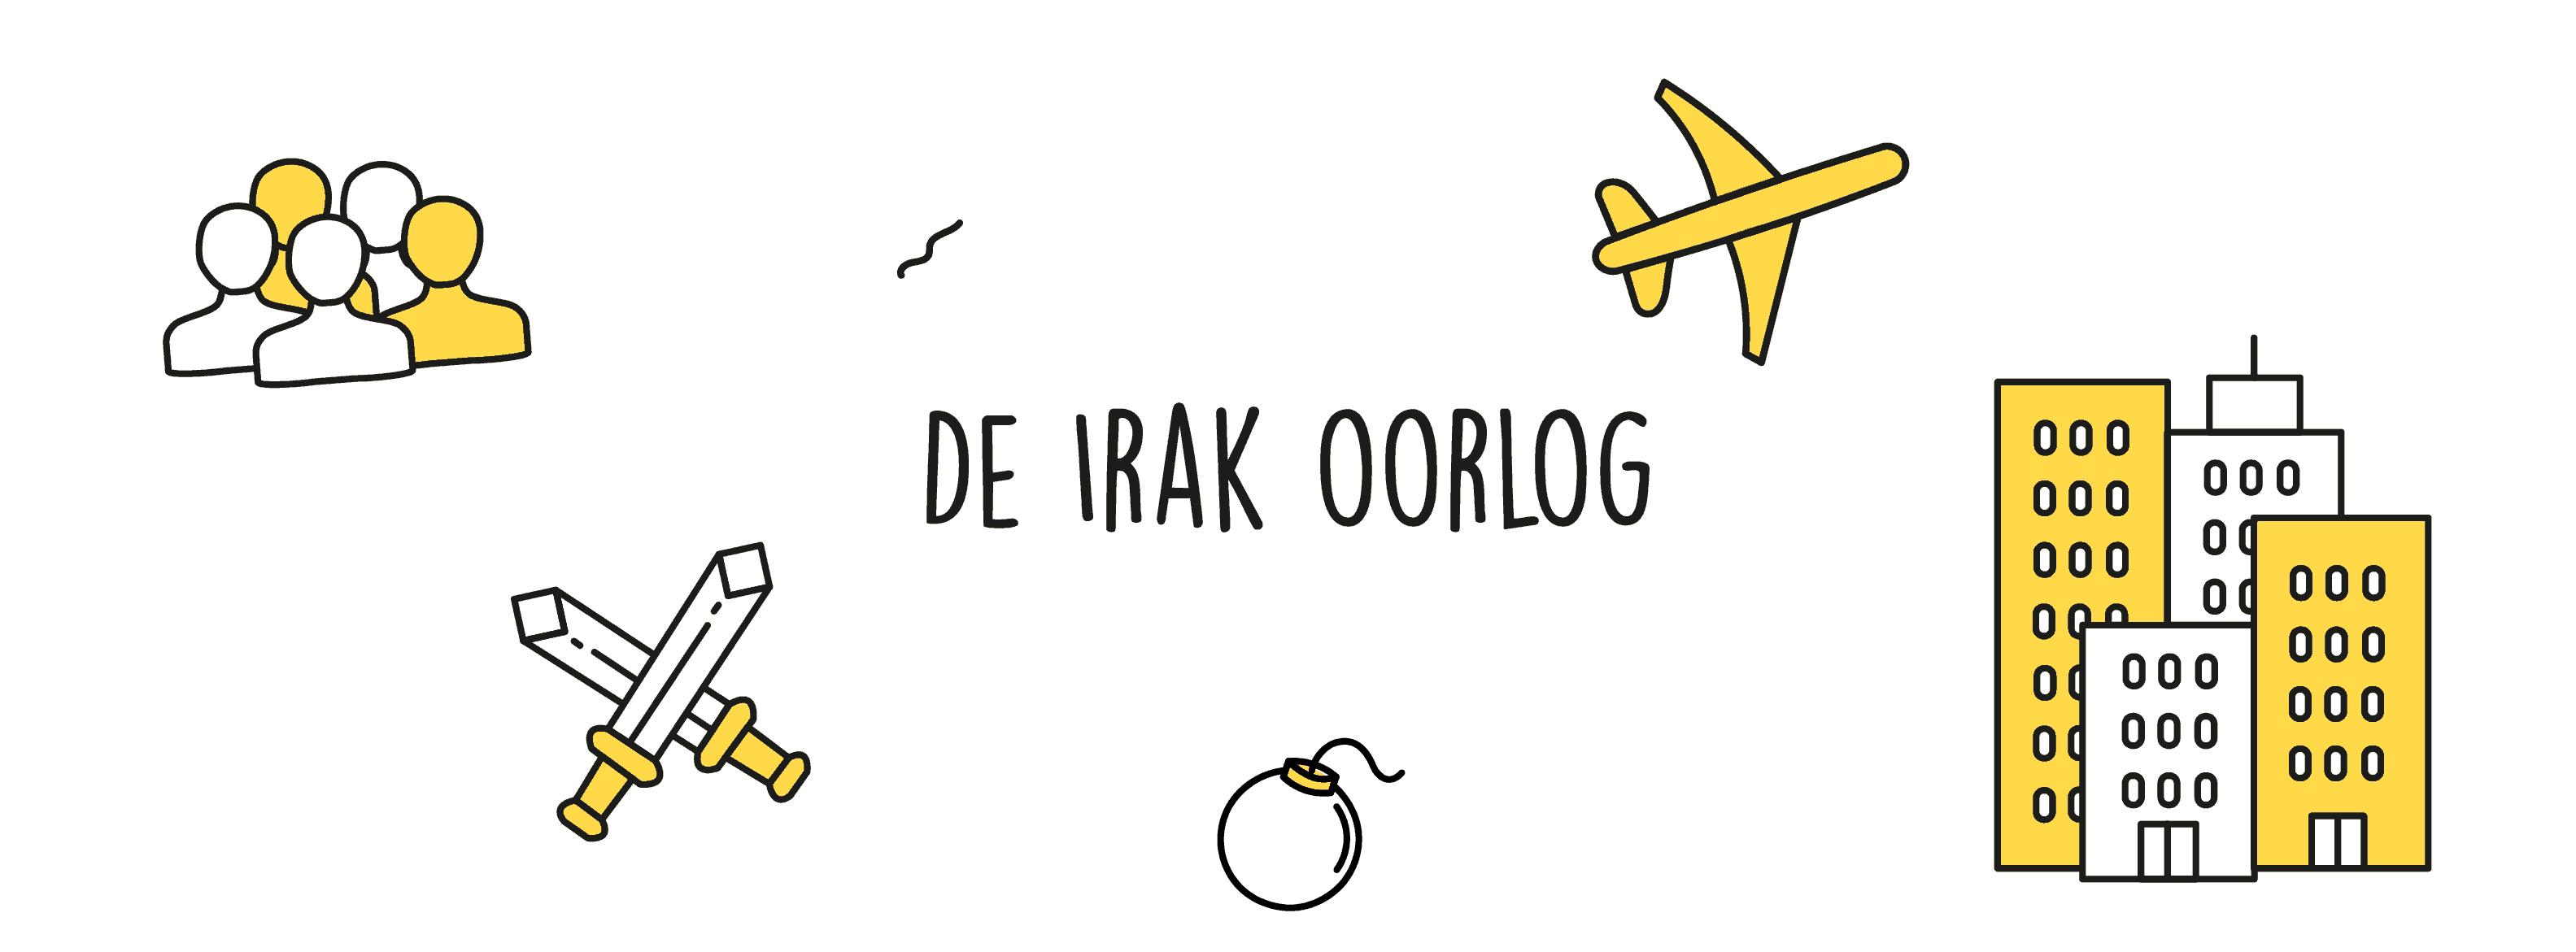 De Irak oorlog